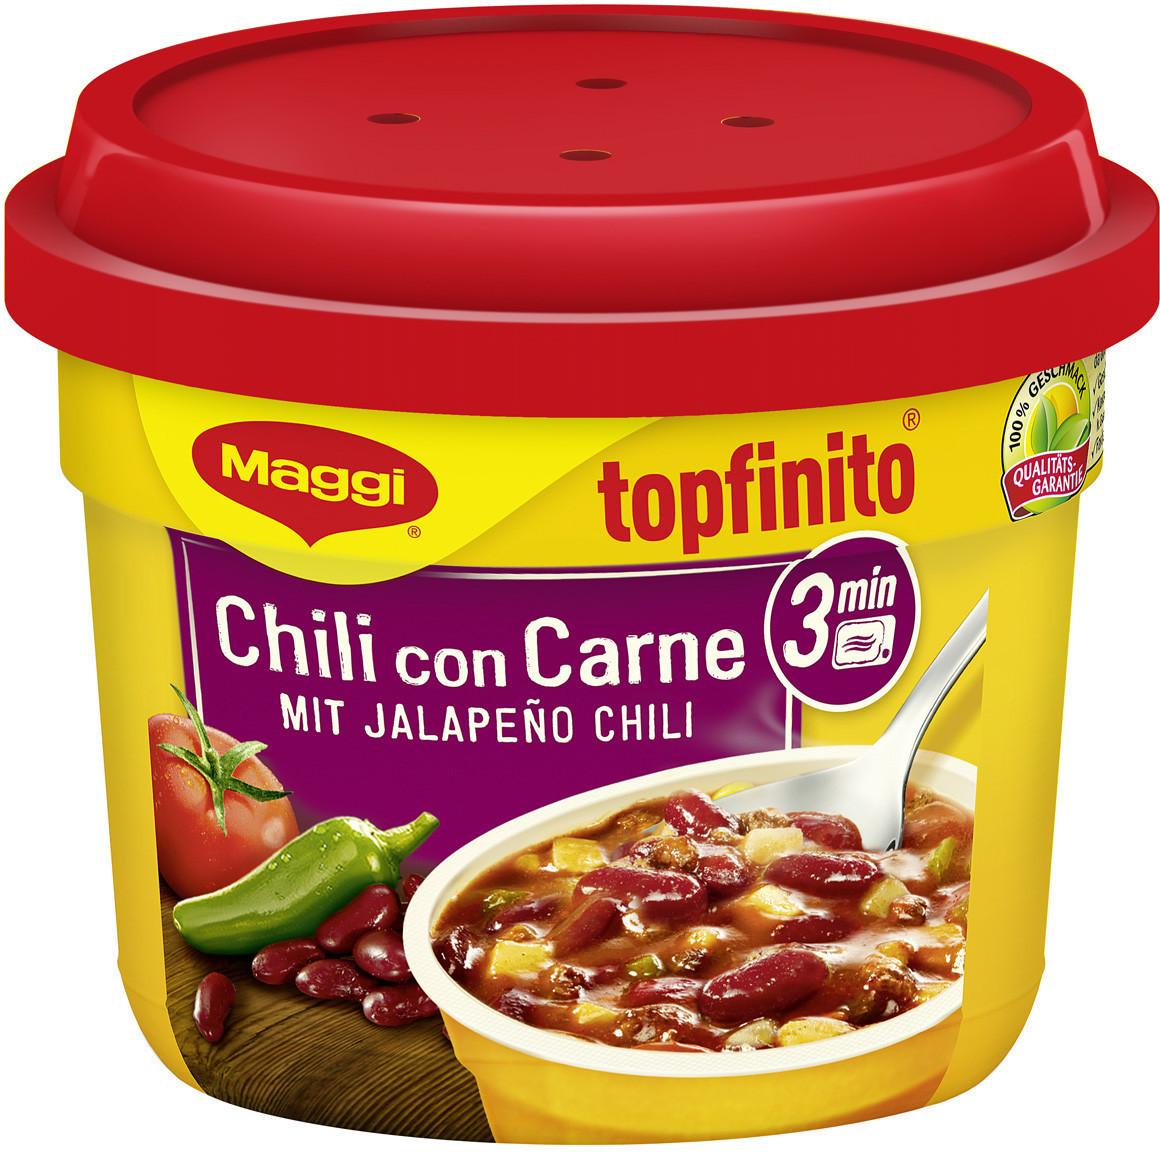 Maggi Topfinito: Chili Con Carne mit Jalapeño Chili (380g)